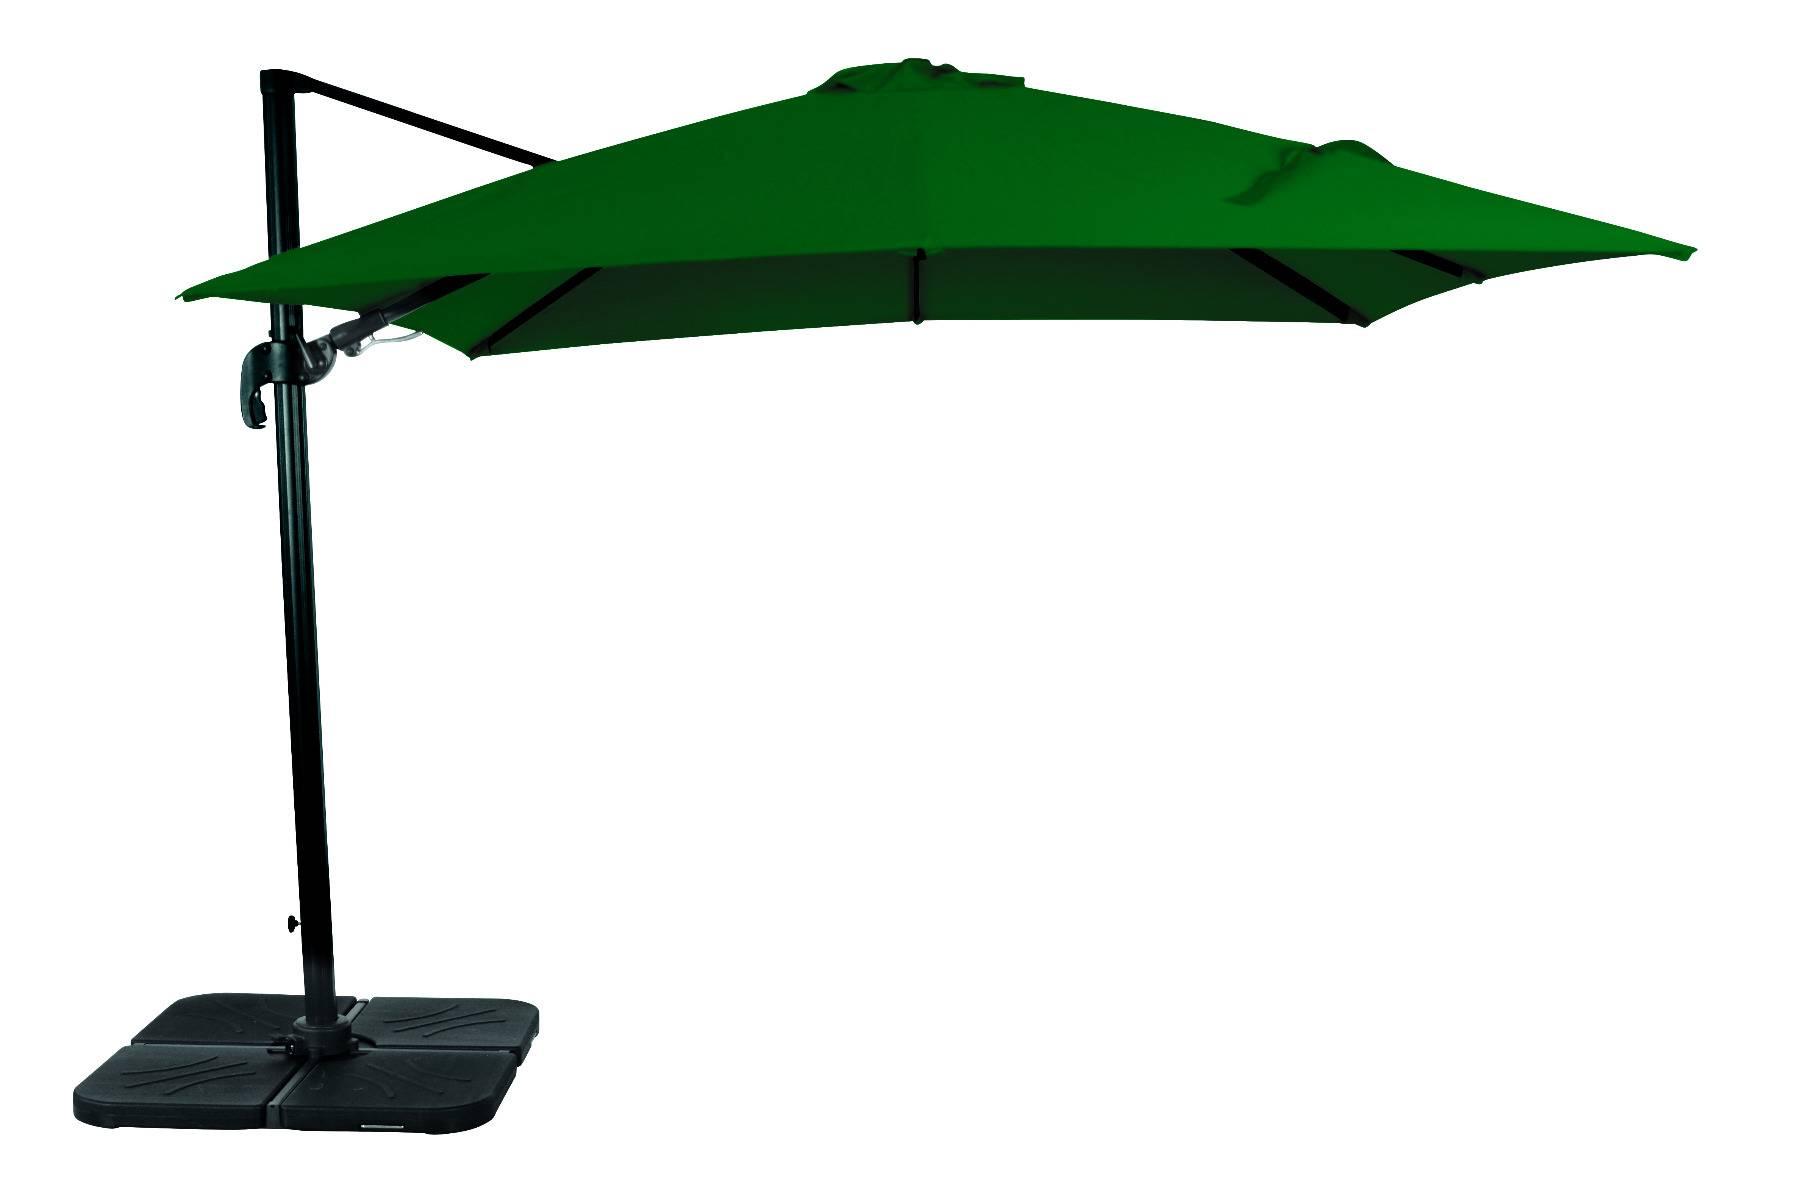 acamatic 3D Ampelschirm quadratisch 300x300 cm anthrazit forest 25,8 kg mit Fuss ohne Platten Aluminium Gestell Sonnenschutzfaktor 50+ mit wasserabweisendem Bezug aus Polyester 200g/m²